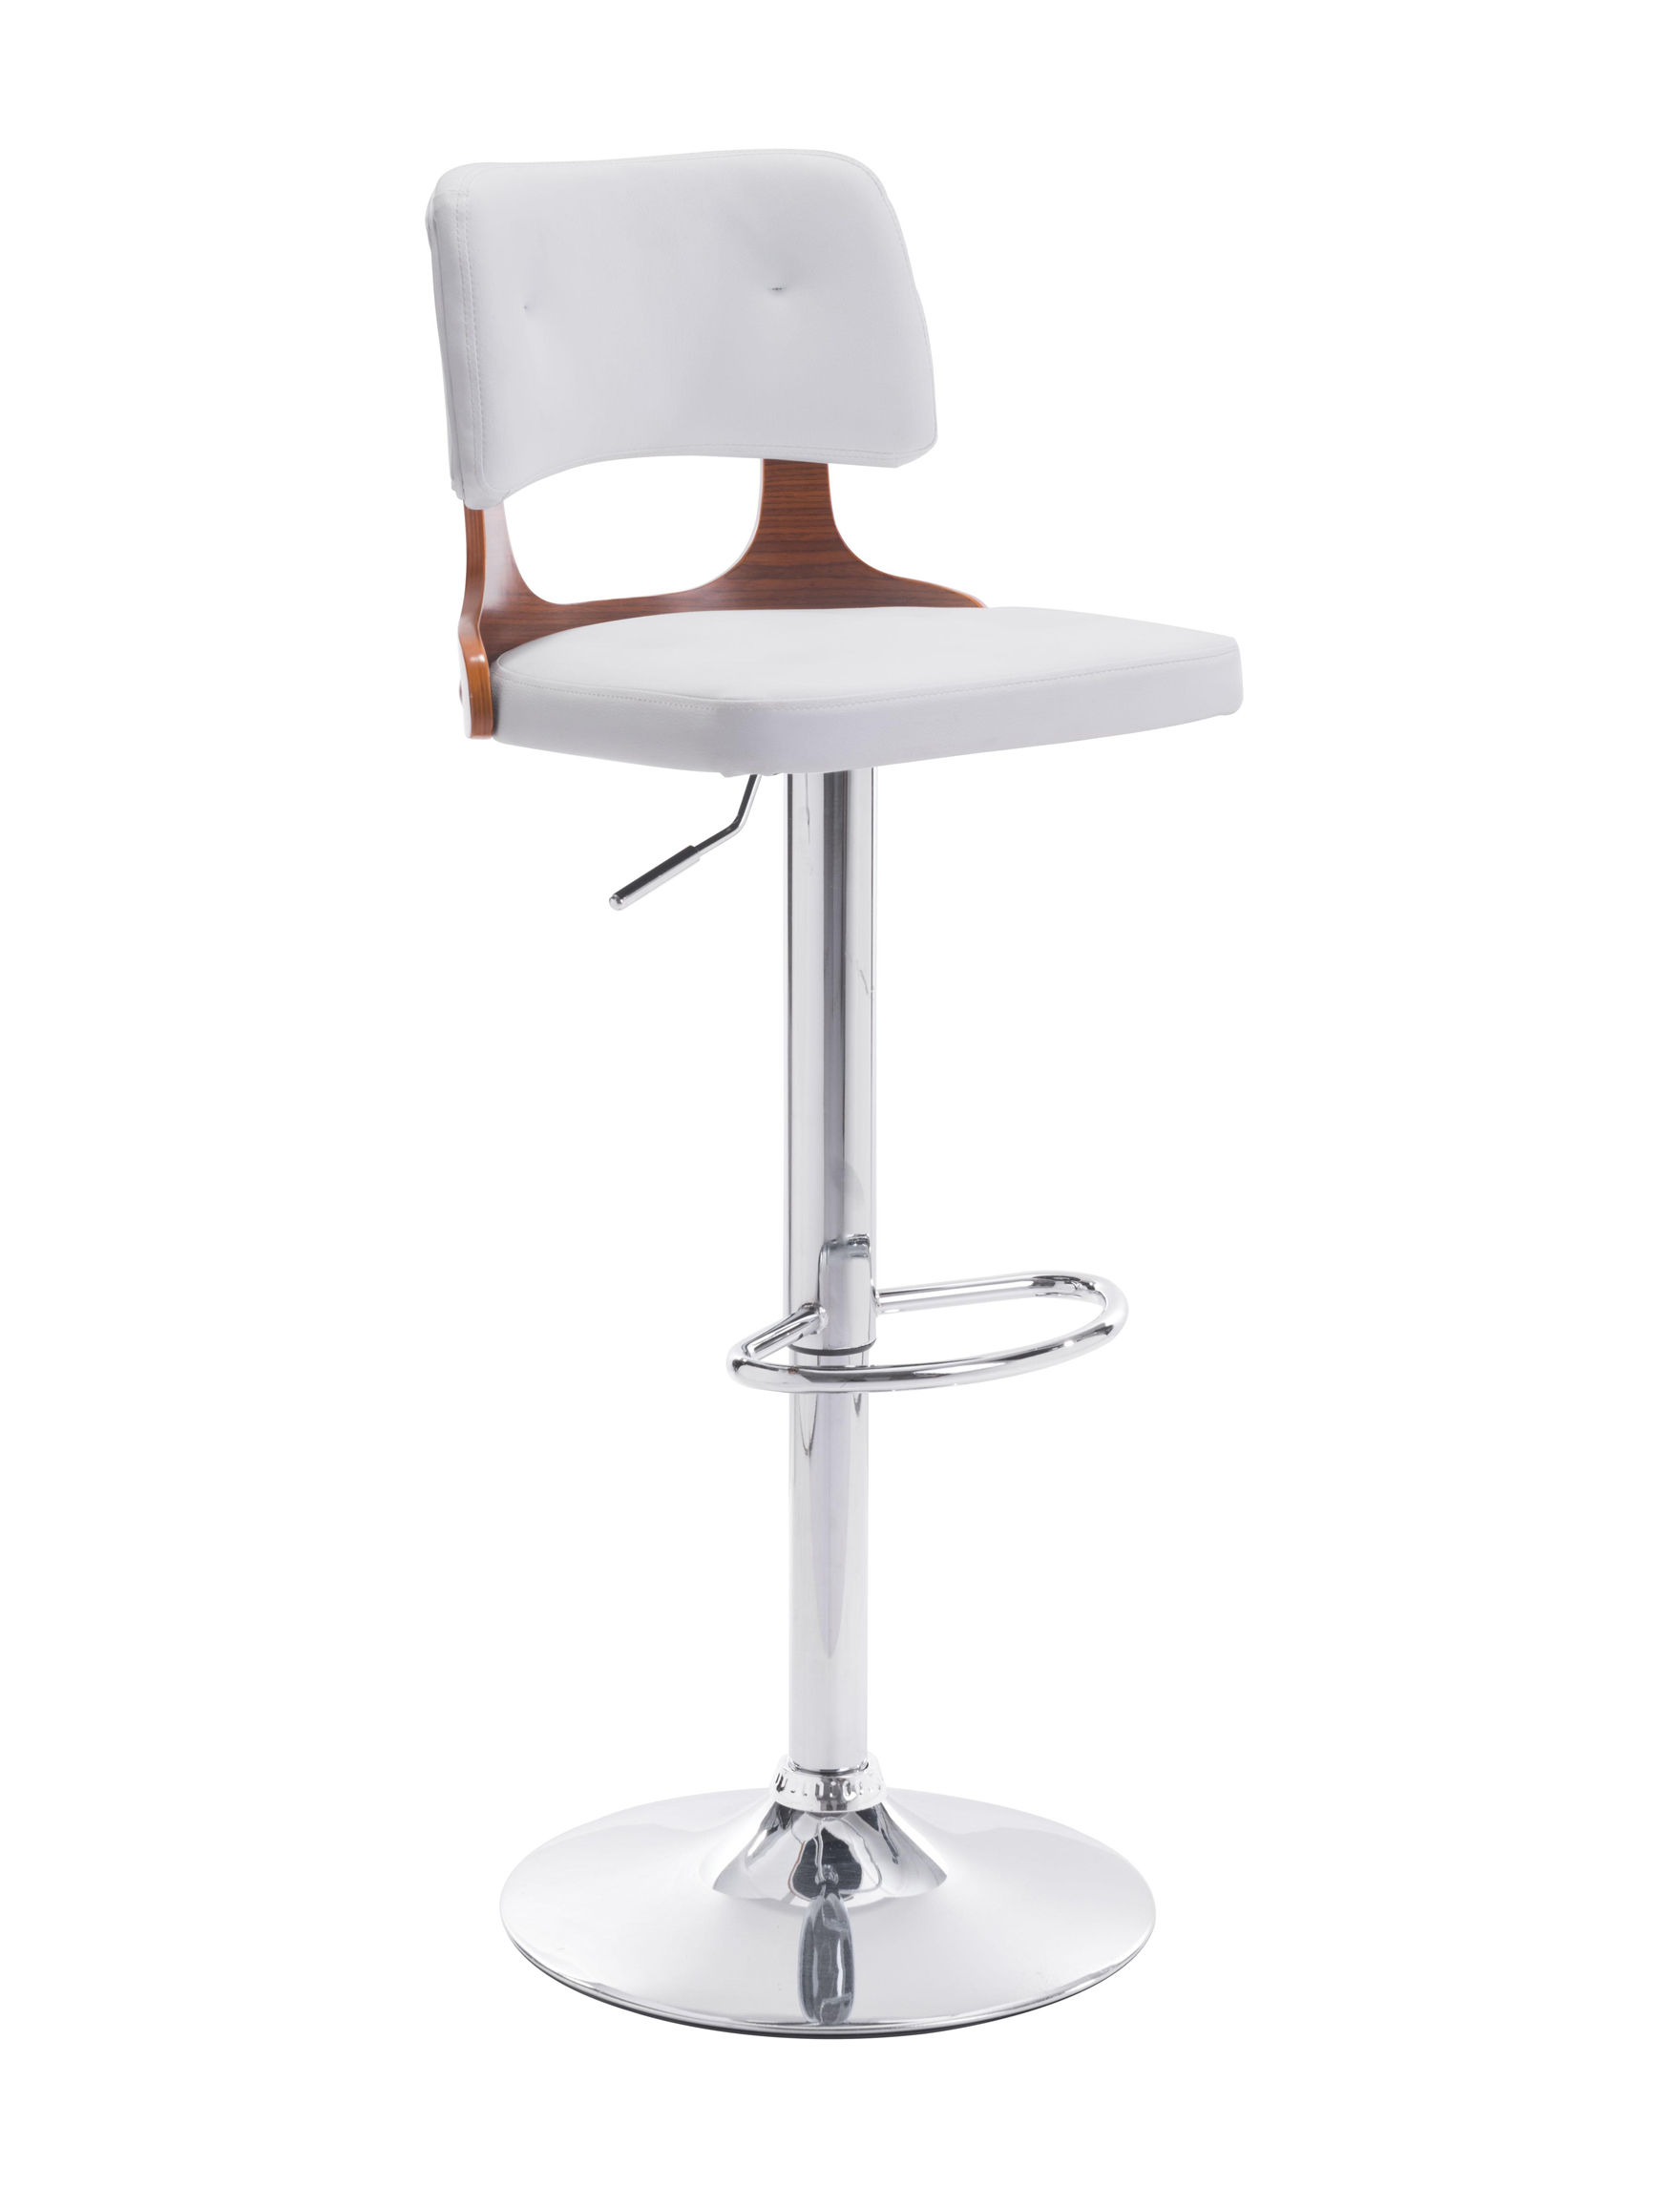 Zuo Modern White Bar & Kitchen Stools Kitchen & Dining Furniture